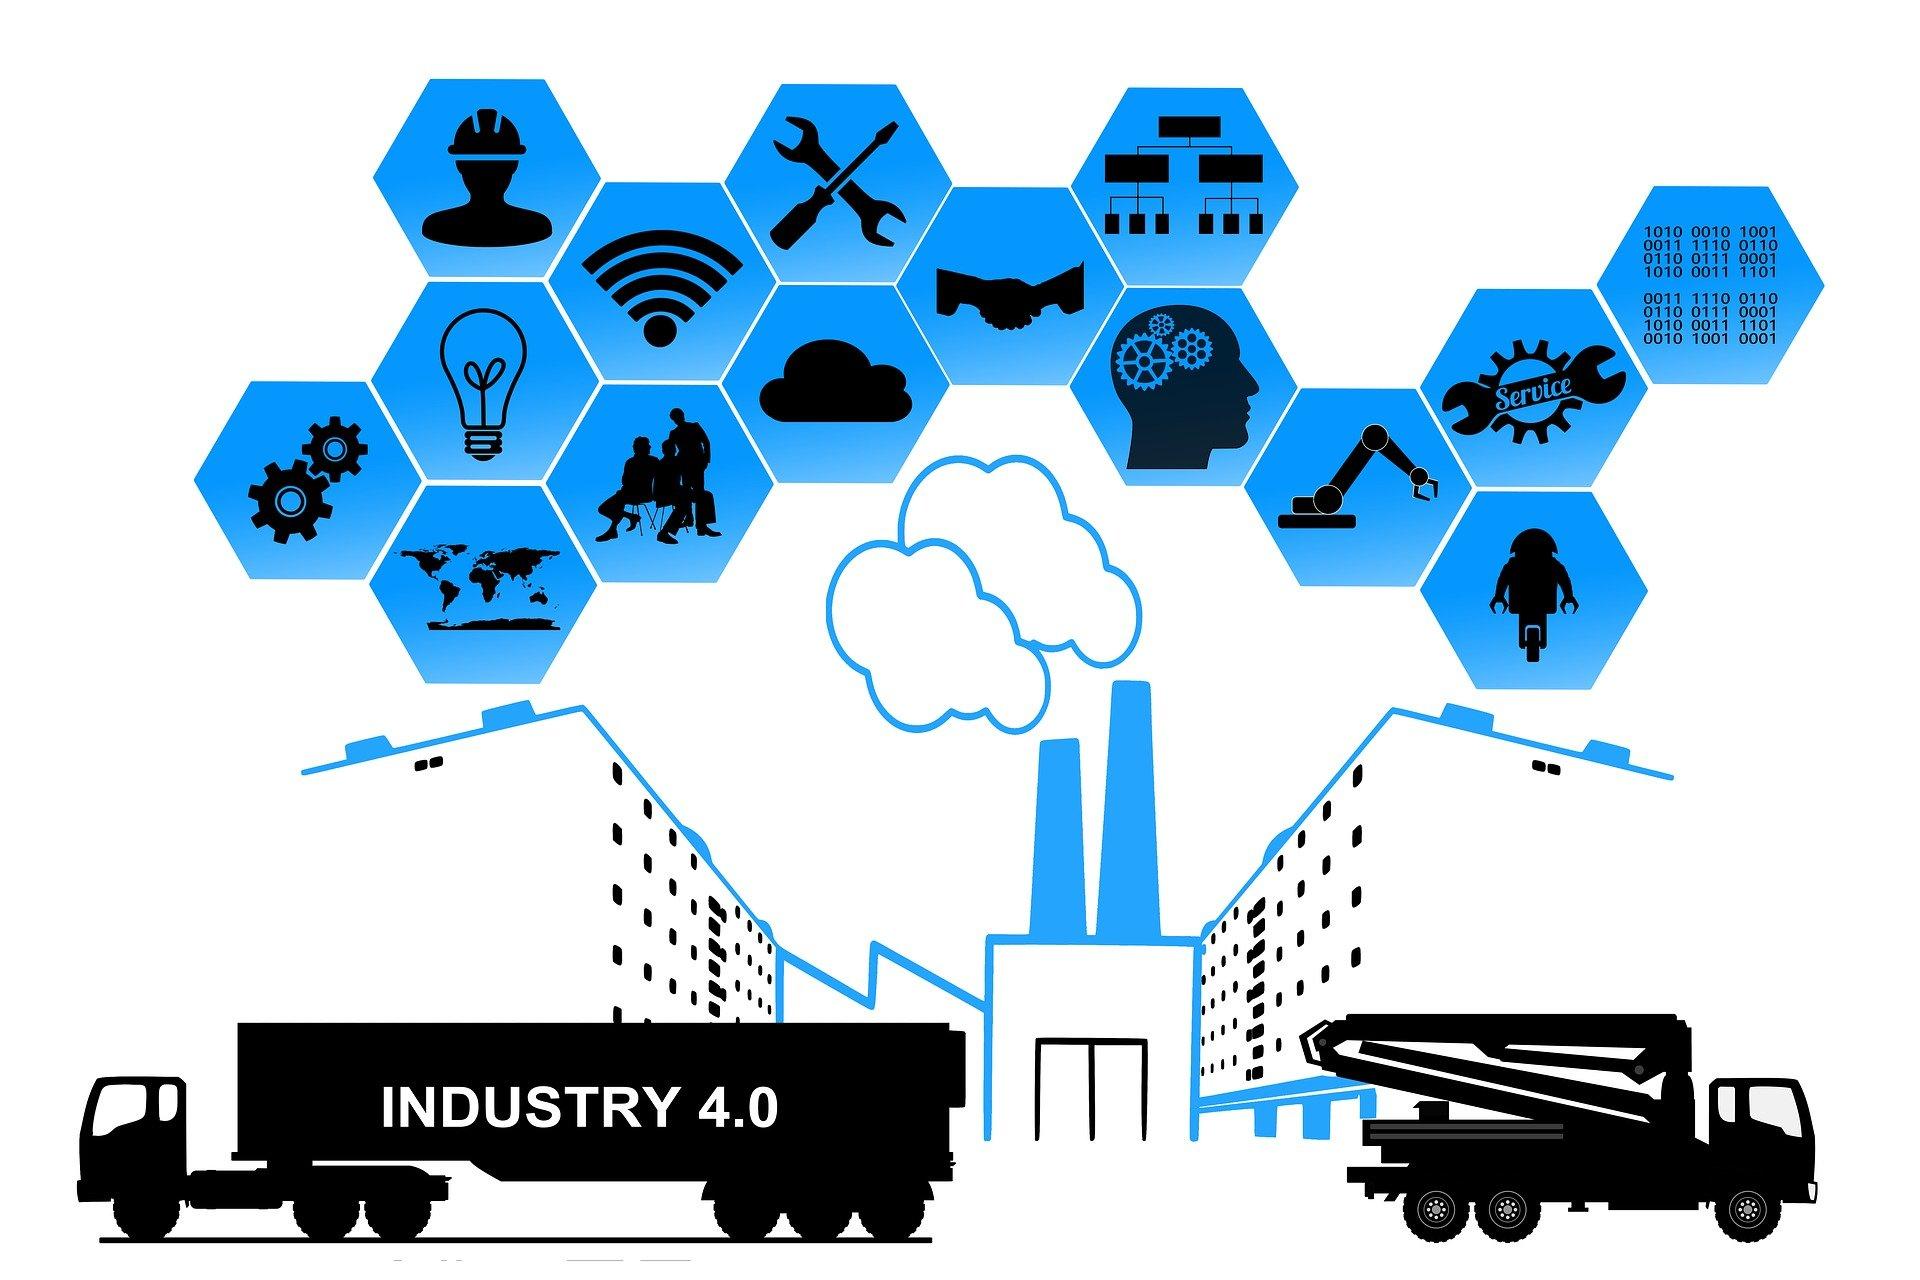 12 tecnologías habilitadoras dentro del marco de la Industria 4.0 para la generación de nuevos modelos de negocio